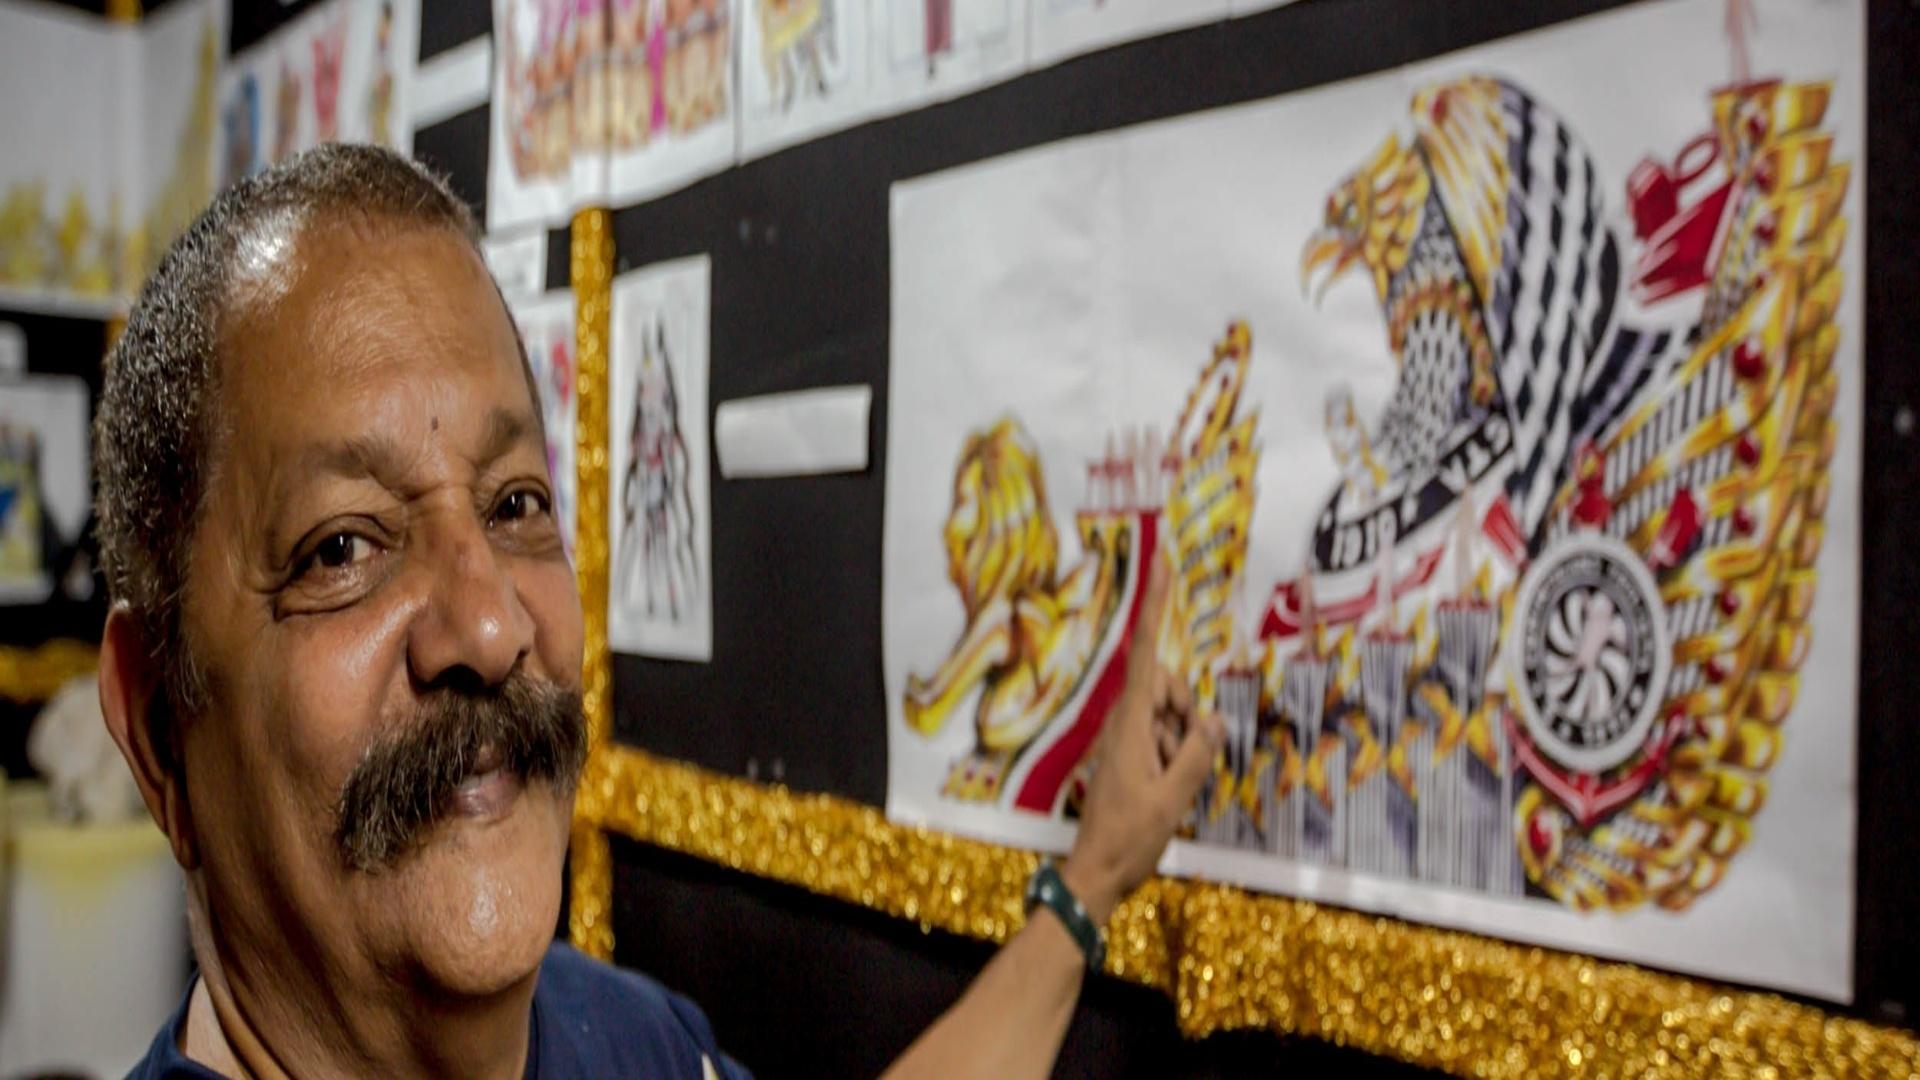 17.jan.2013 Max Lopes, carnavalesco da Gaviões, mostra desenhos dos carros alegóricos que a escola apresentará no desfile deste ano